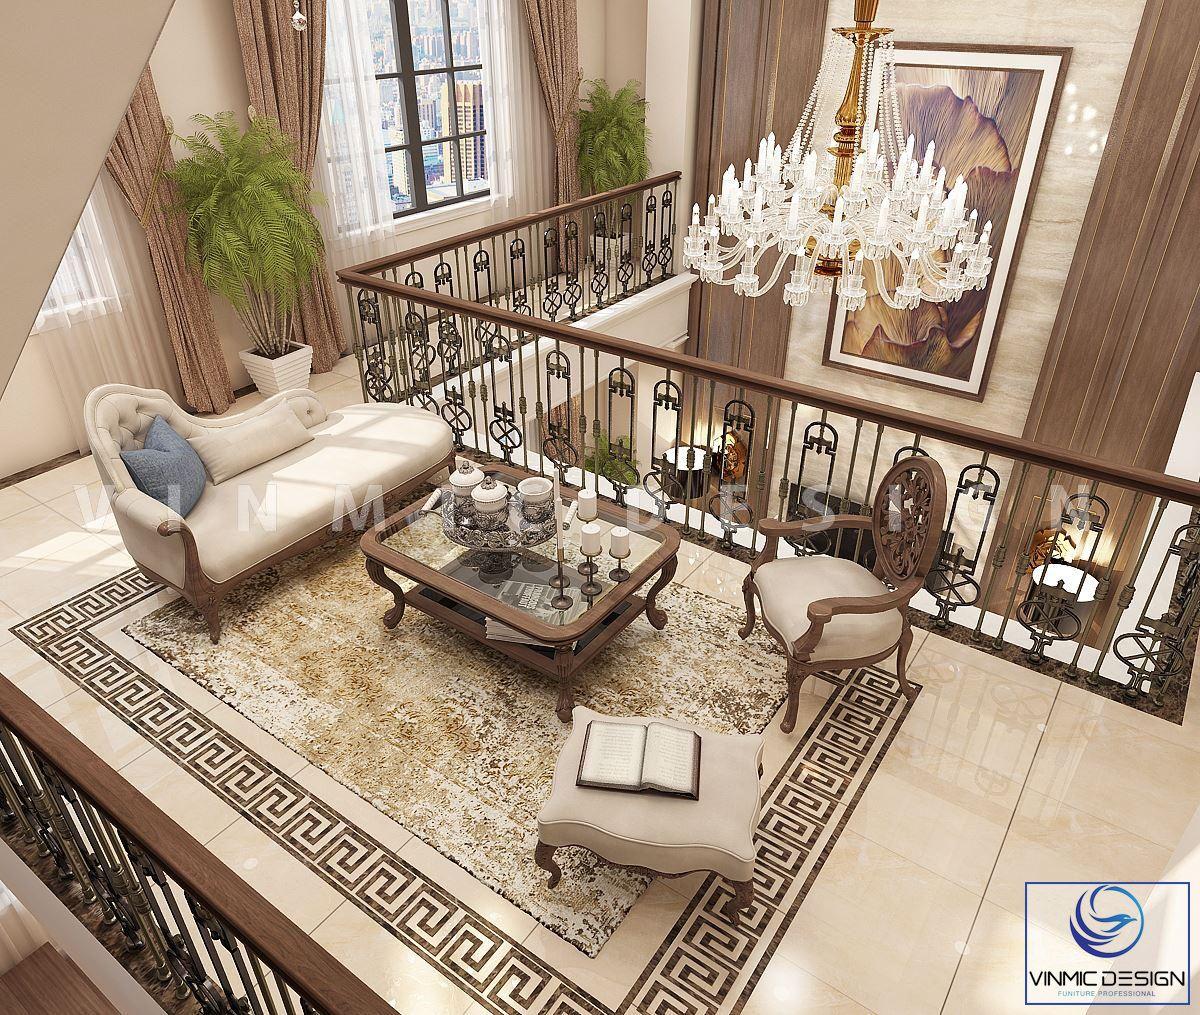 Thiết kế nội thất tầng lửng biệt thự Vinhomes Imperia Hải Phòng với những chi tiết trang trí từ đèn chùm thả trần, rèm cửa, thảm trải sàn góp phần tôn lên vẻ đẹp rạng rỡ của căn biệt thự này